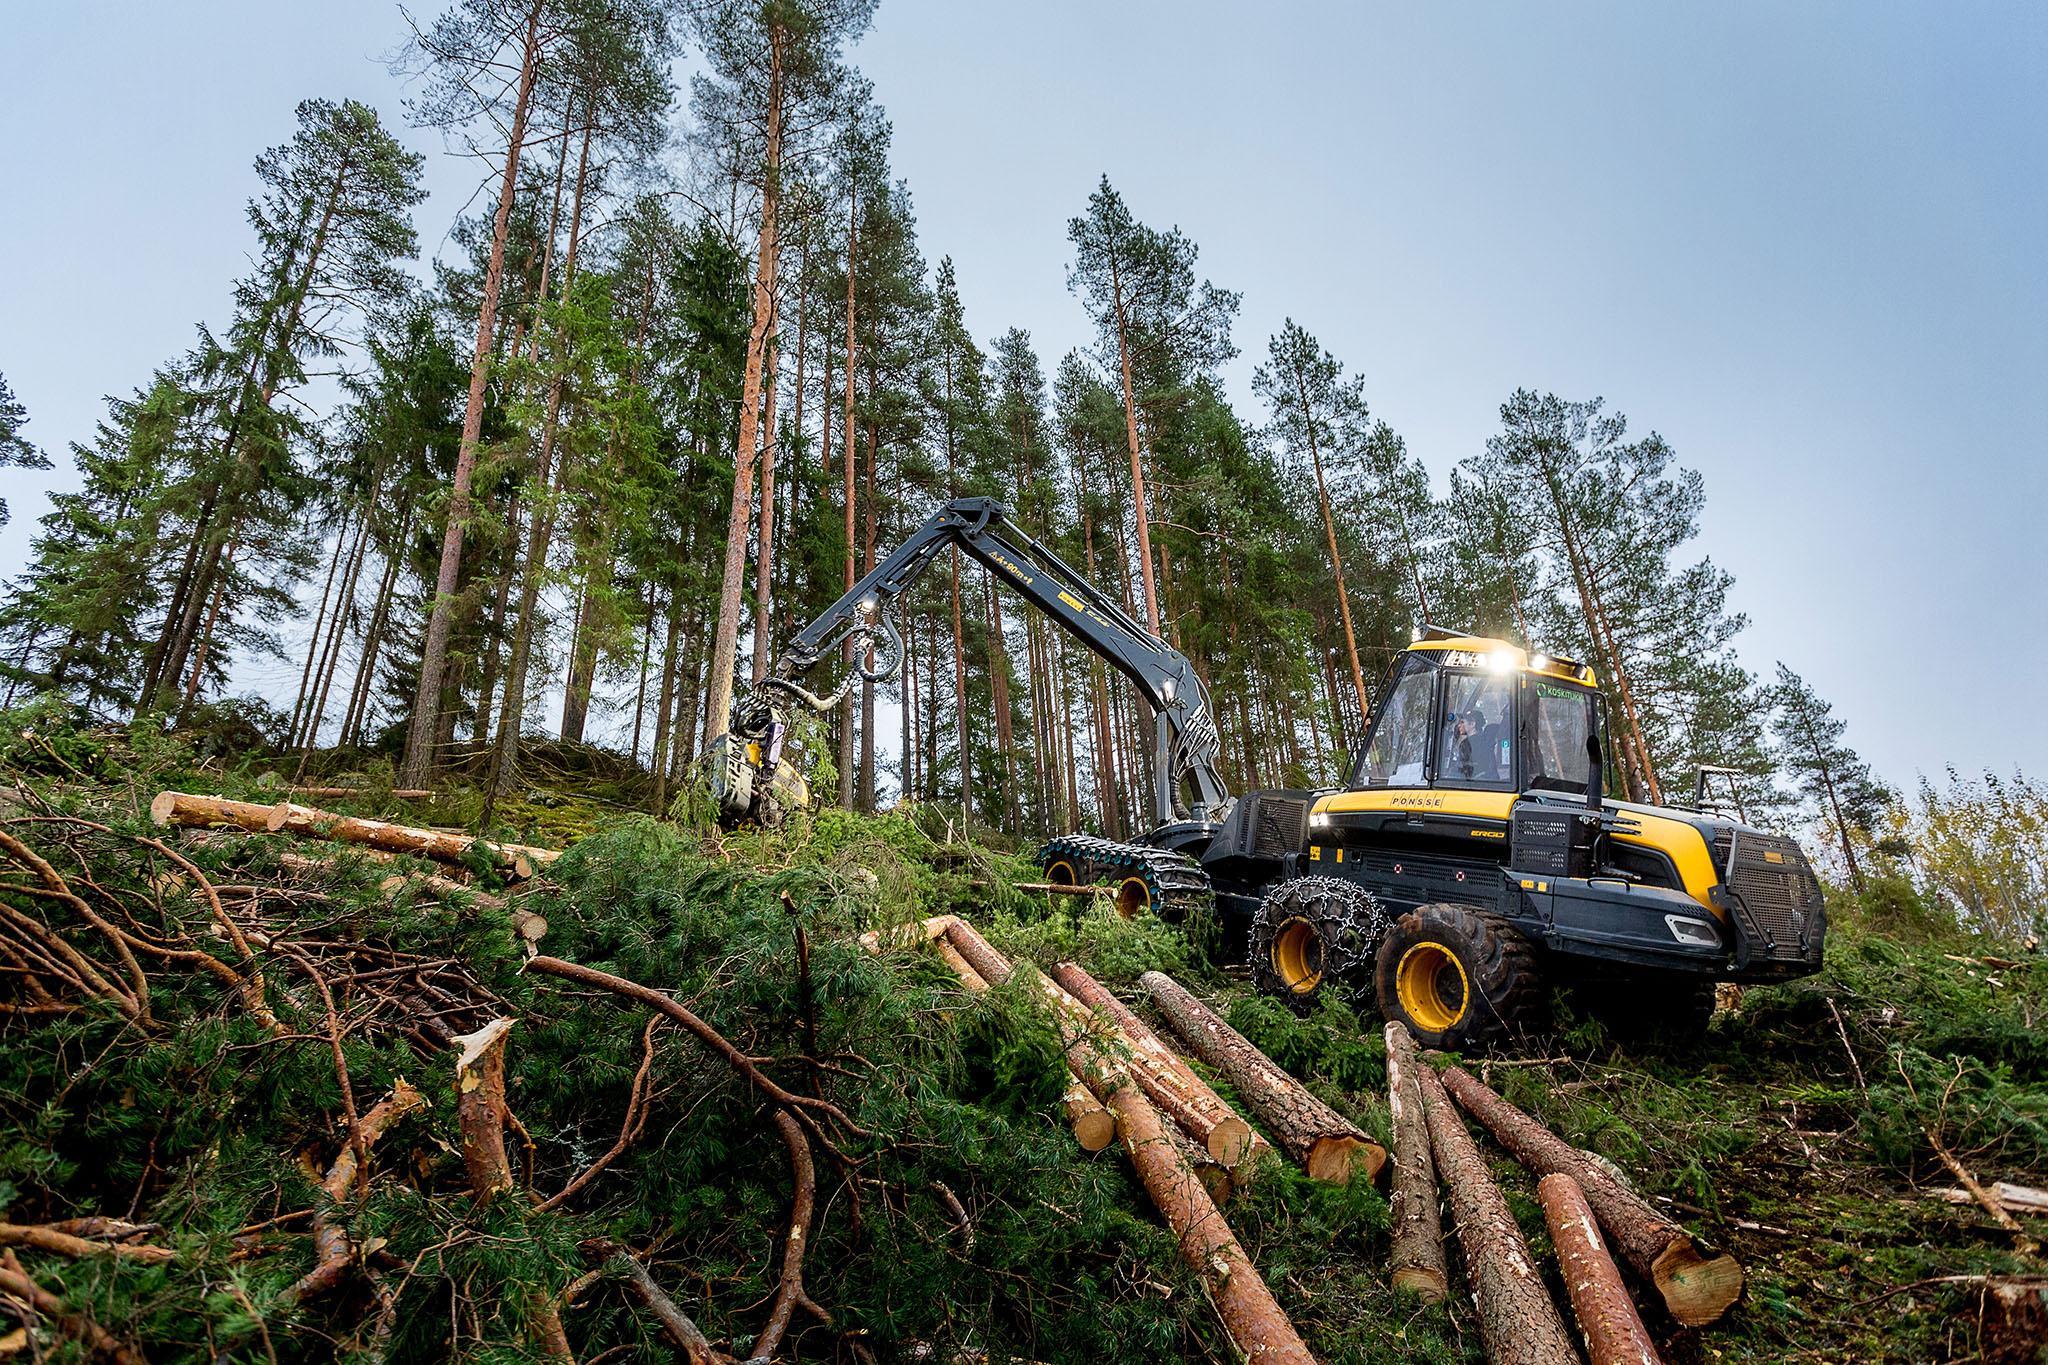 Koskisen puunhankinta, luotettava kumppanisi puukauppaan, merkittävimmät puutavaralajit havu- ja koivutukki